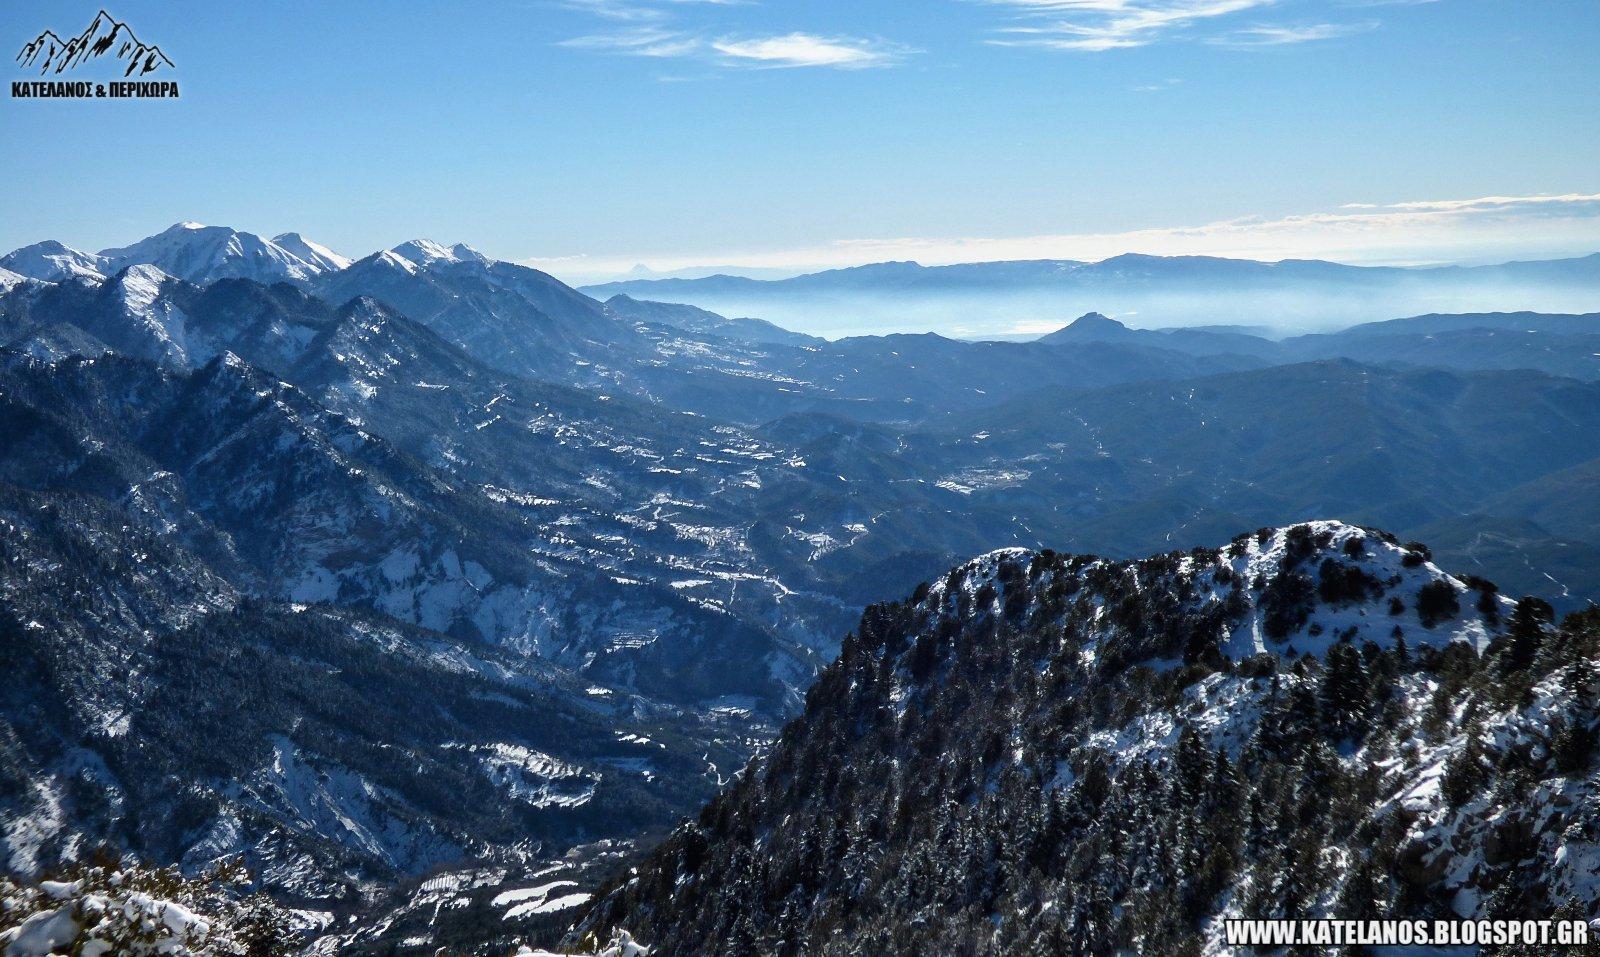 πρωην δημος παναιτωλικου αιτωλοακαρνανια βουνα χιονια